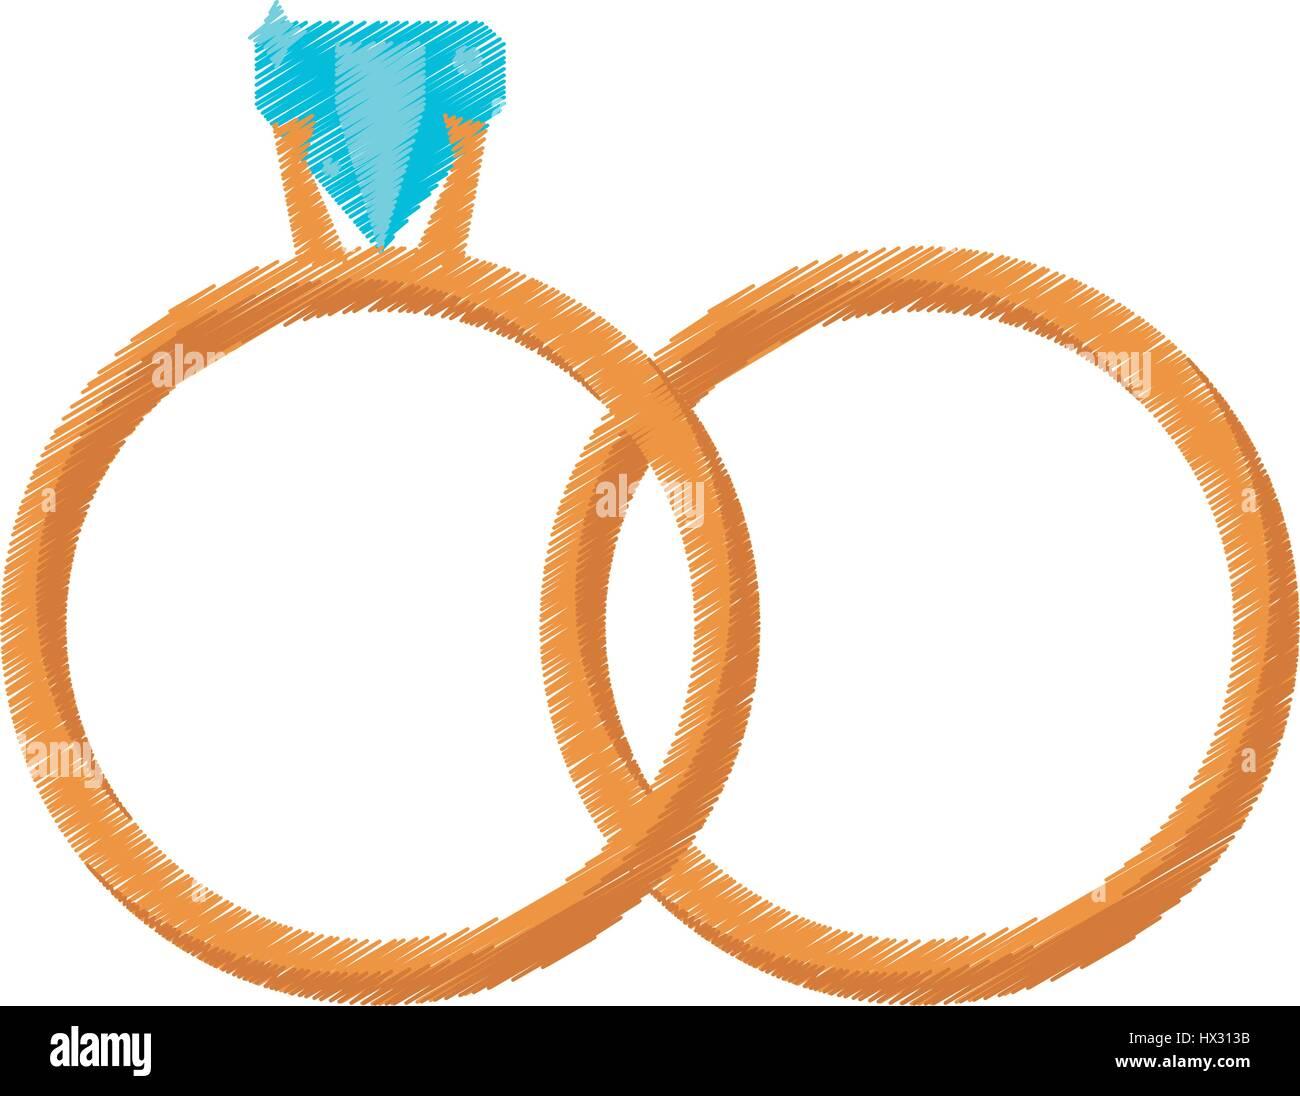 Goldene Ringe Hochzeit Symbol Zeichnen Vektor Abbildung Bild